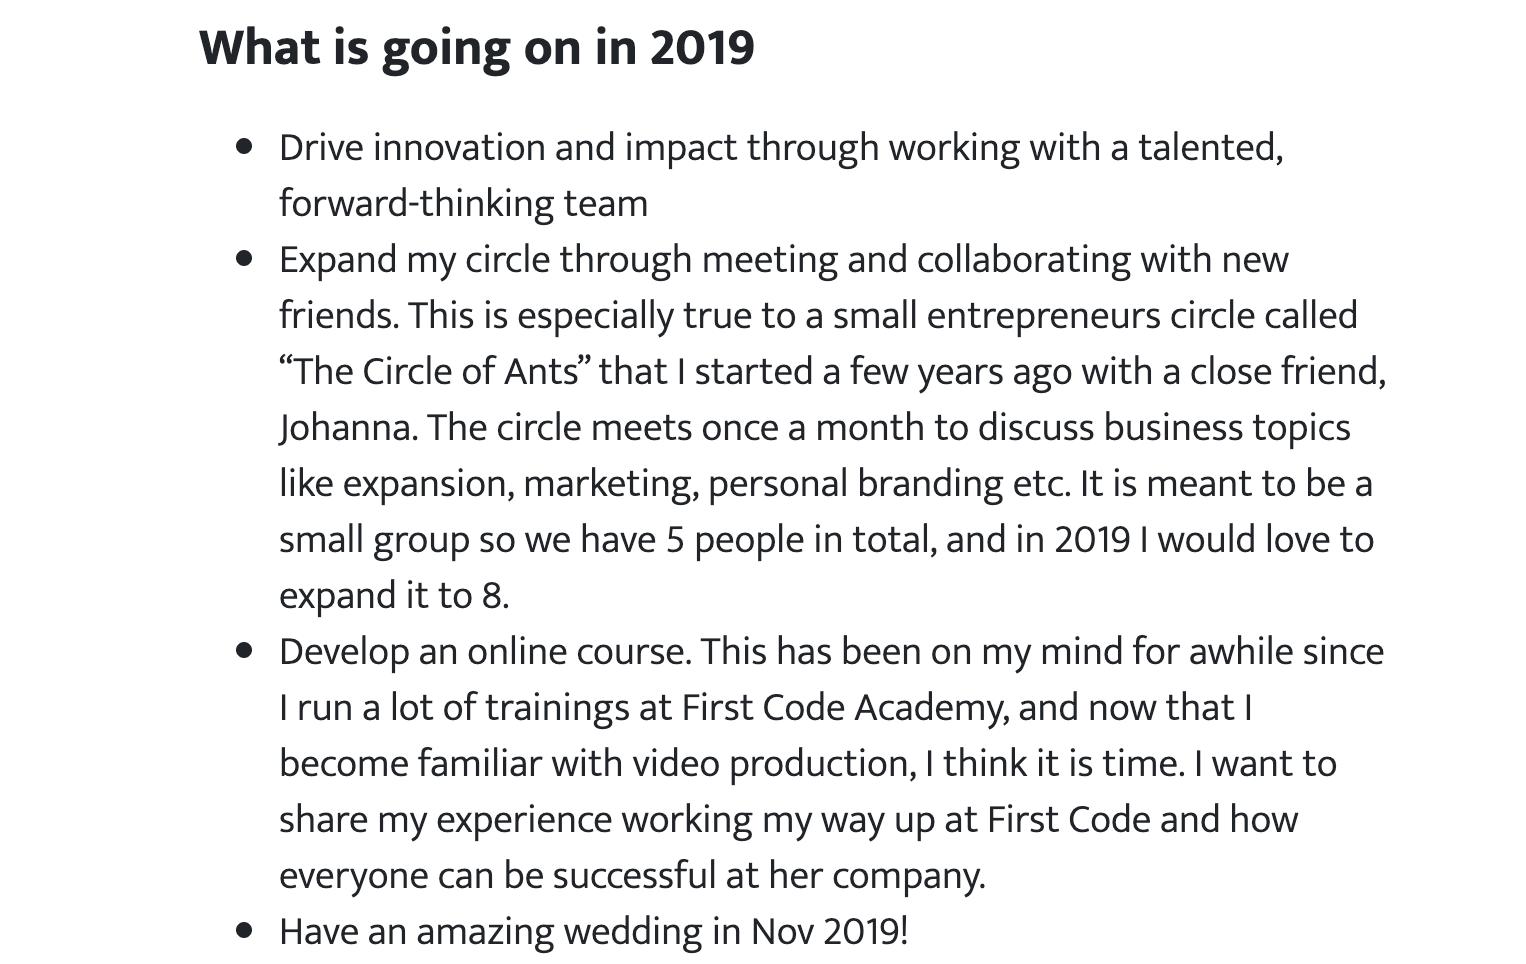 Kevon's 2019 Goals